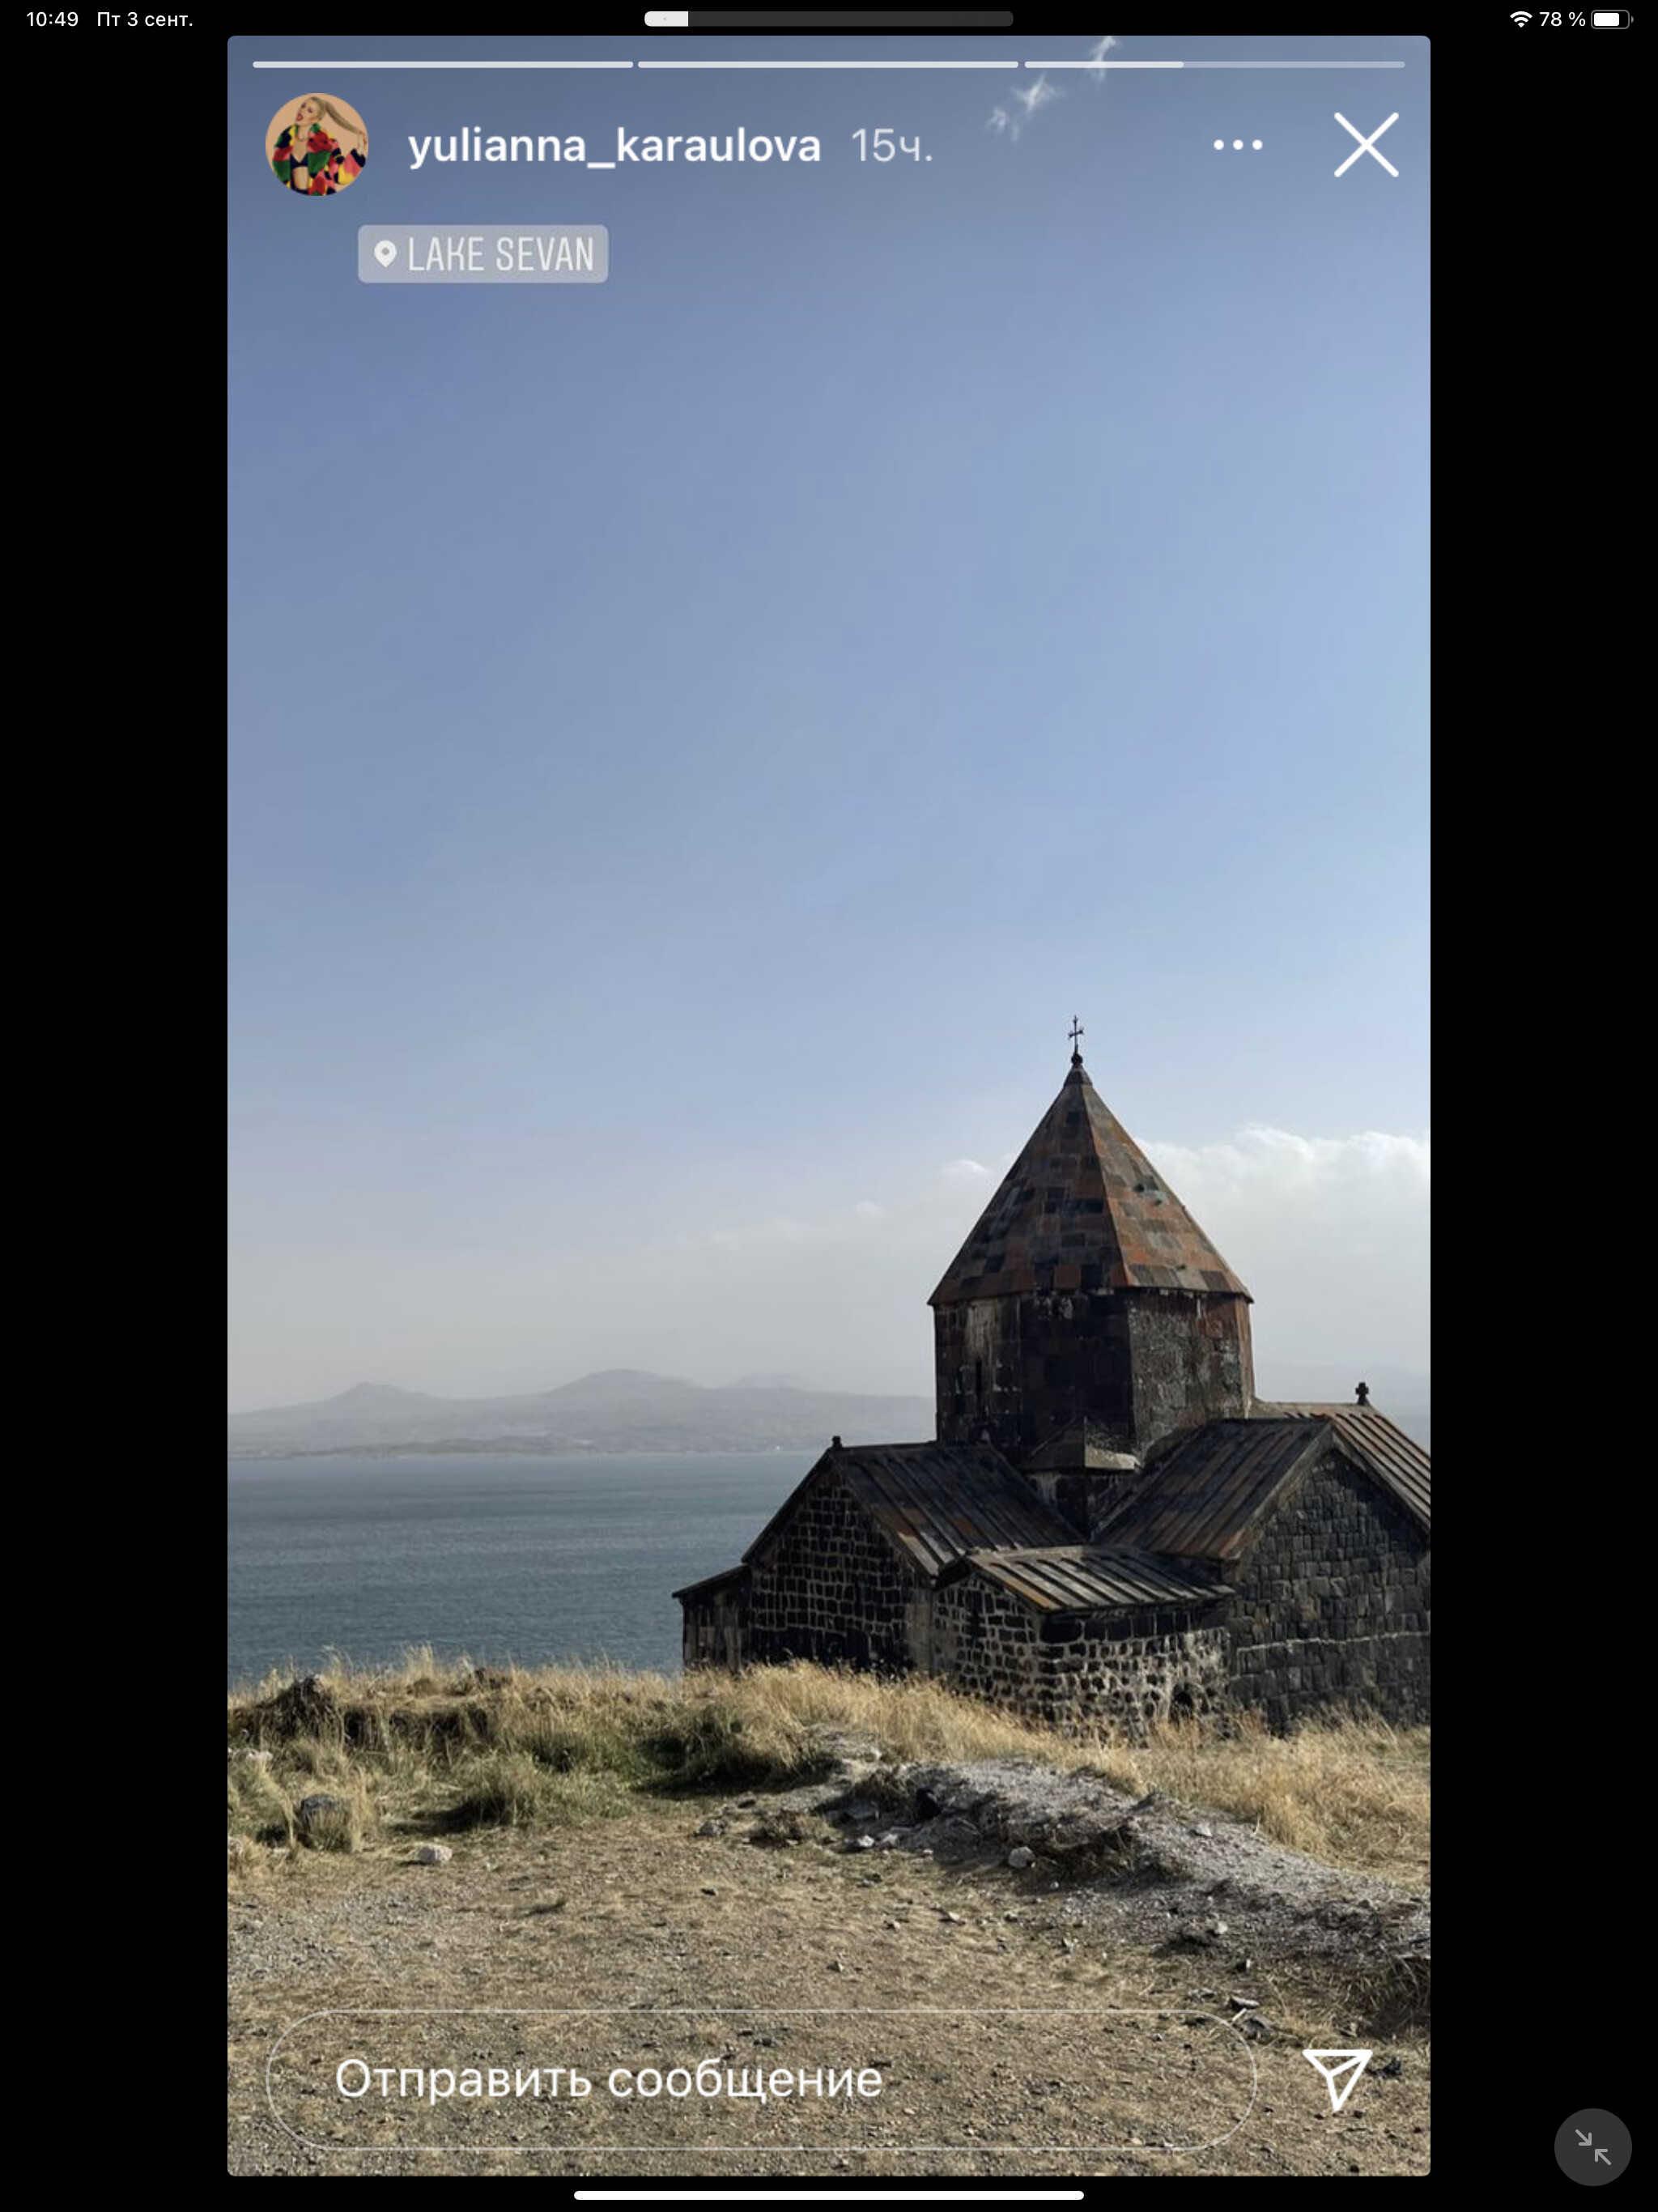 Julianna Karaulova baptized her son in Armenia